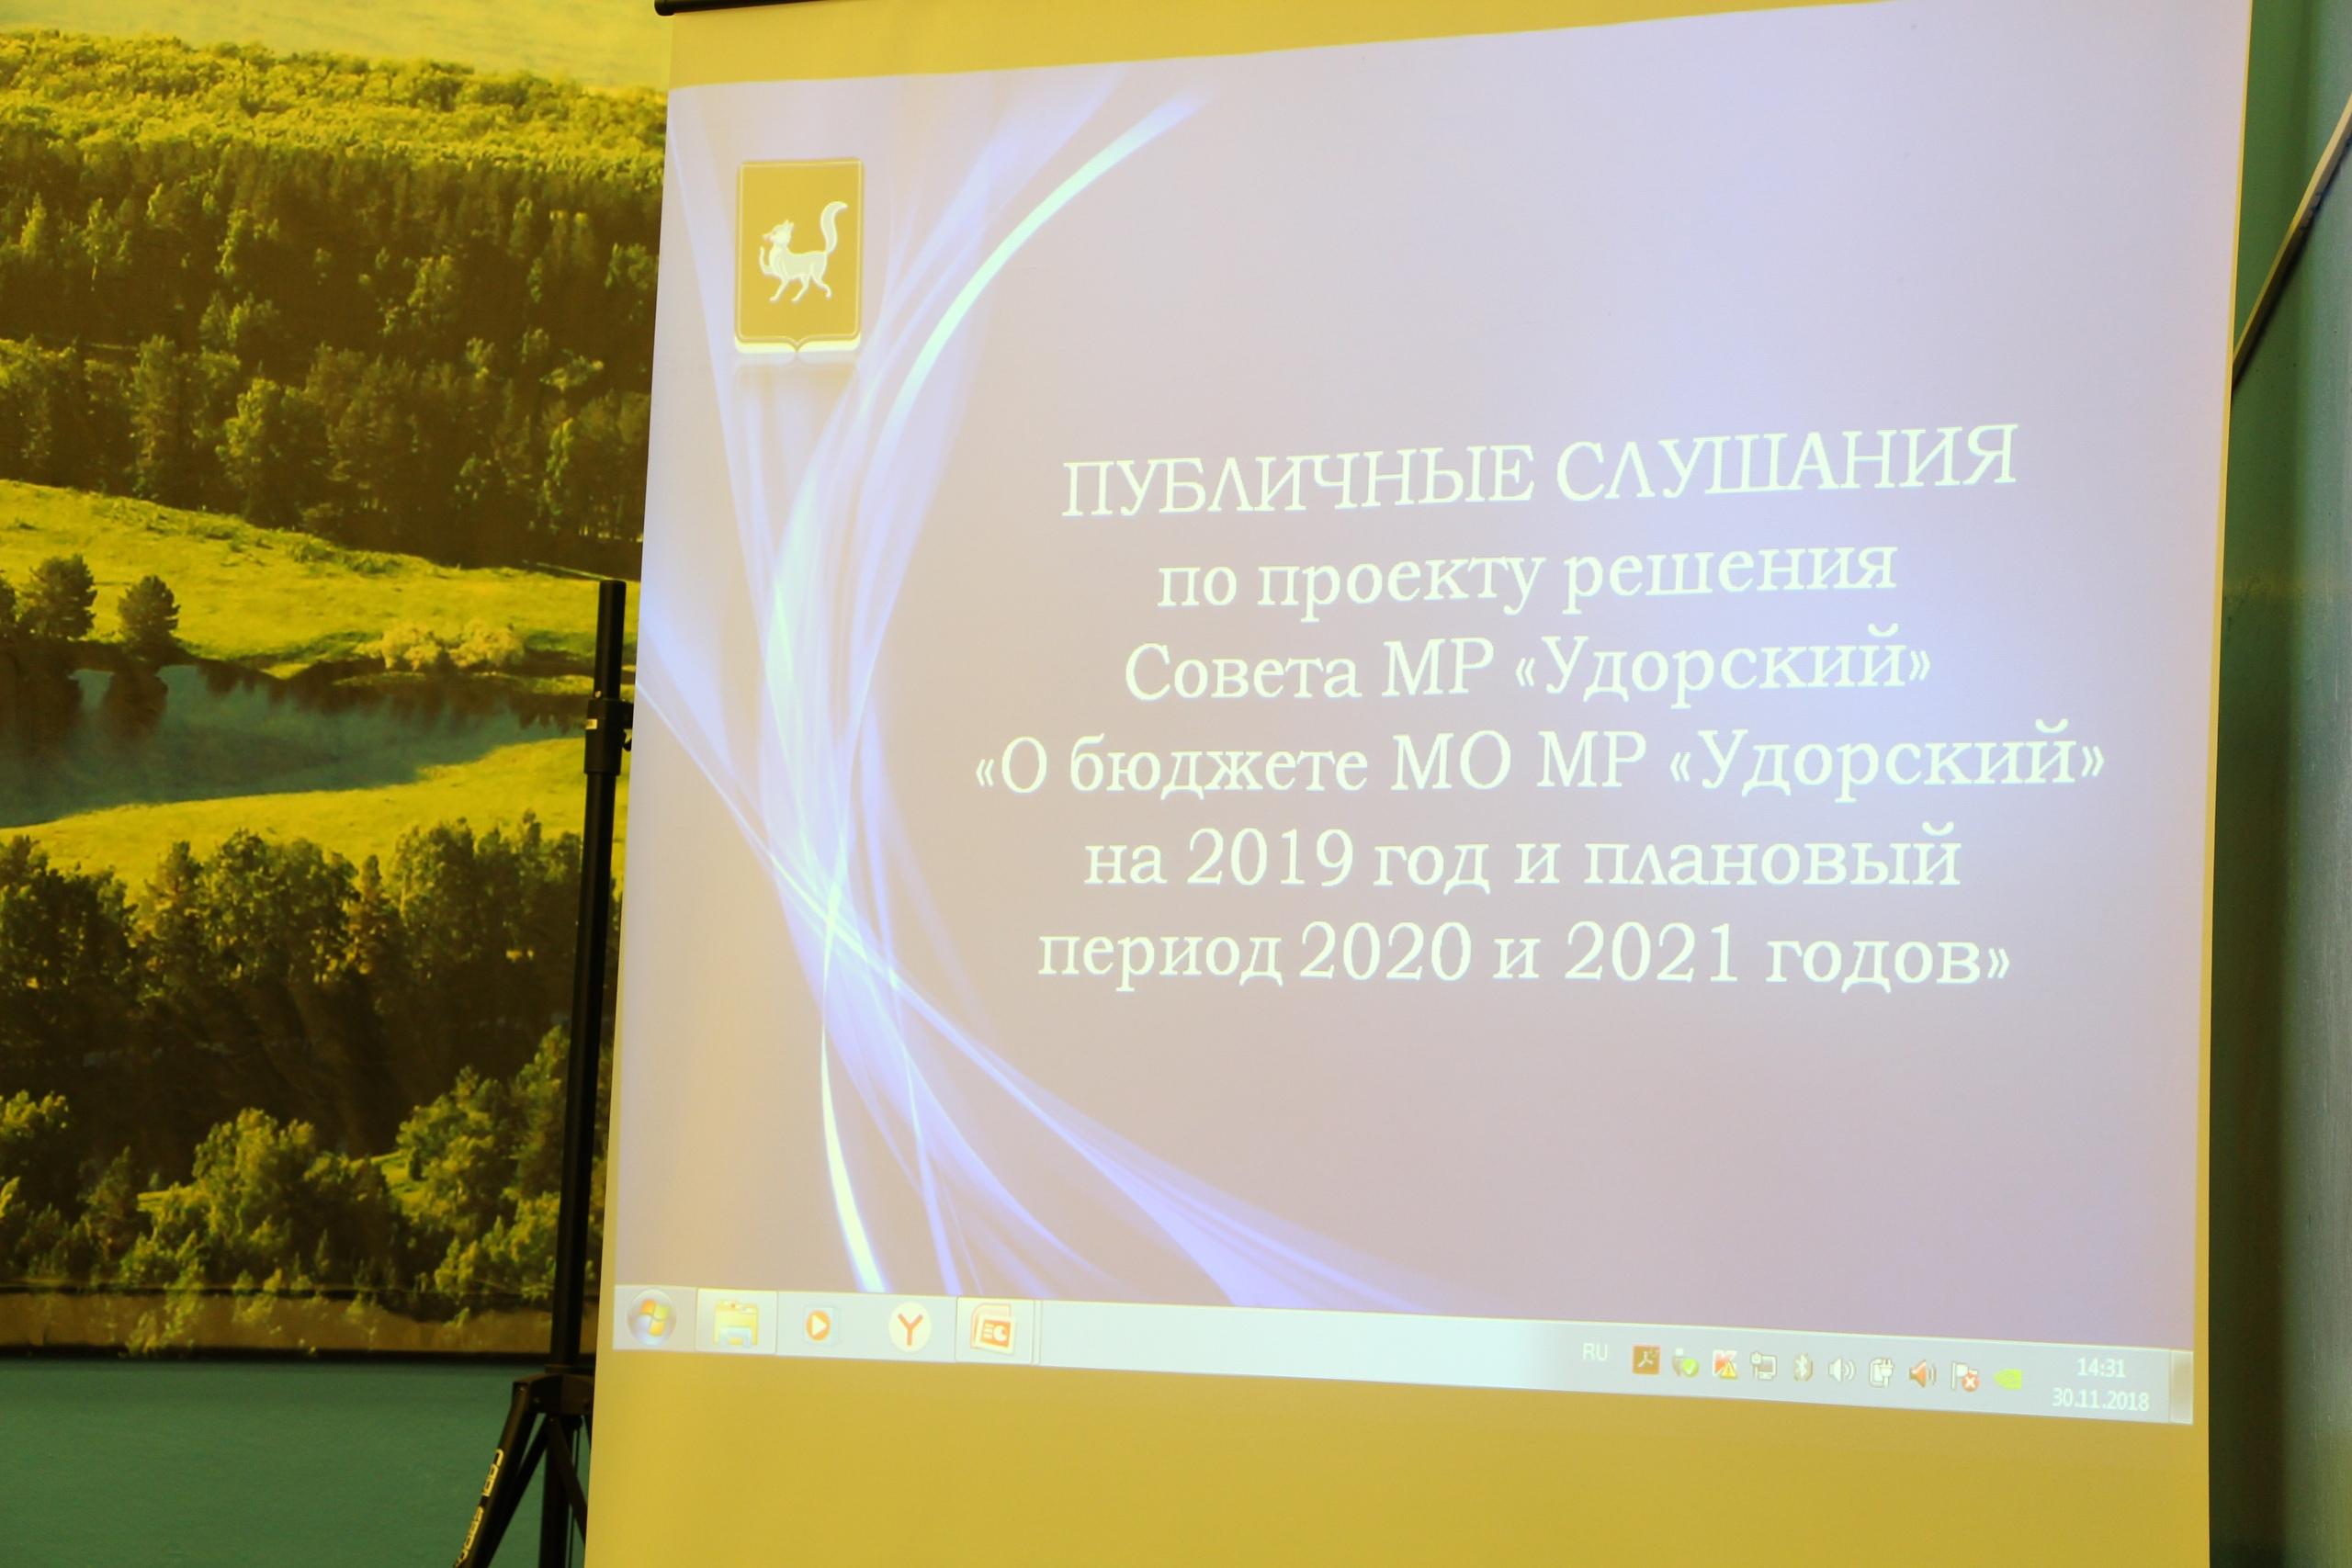 Сегодня в администрации района состоялись публичные слушания по проекту бюджета на 2019 год и плановый период 2020 и 2021 годов